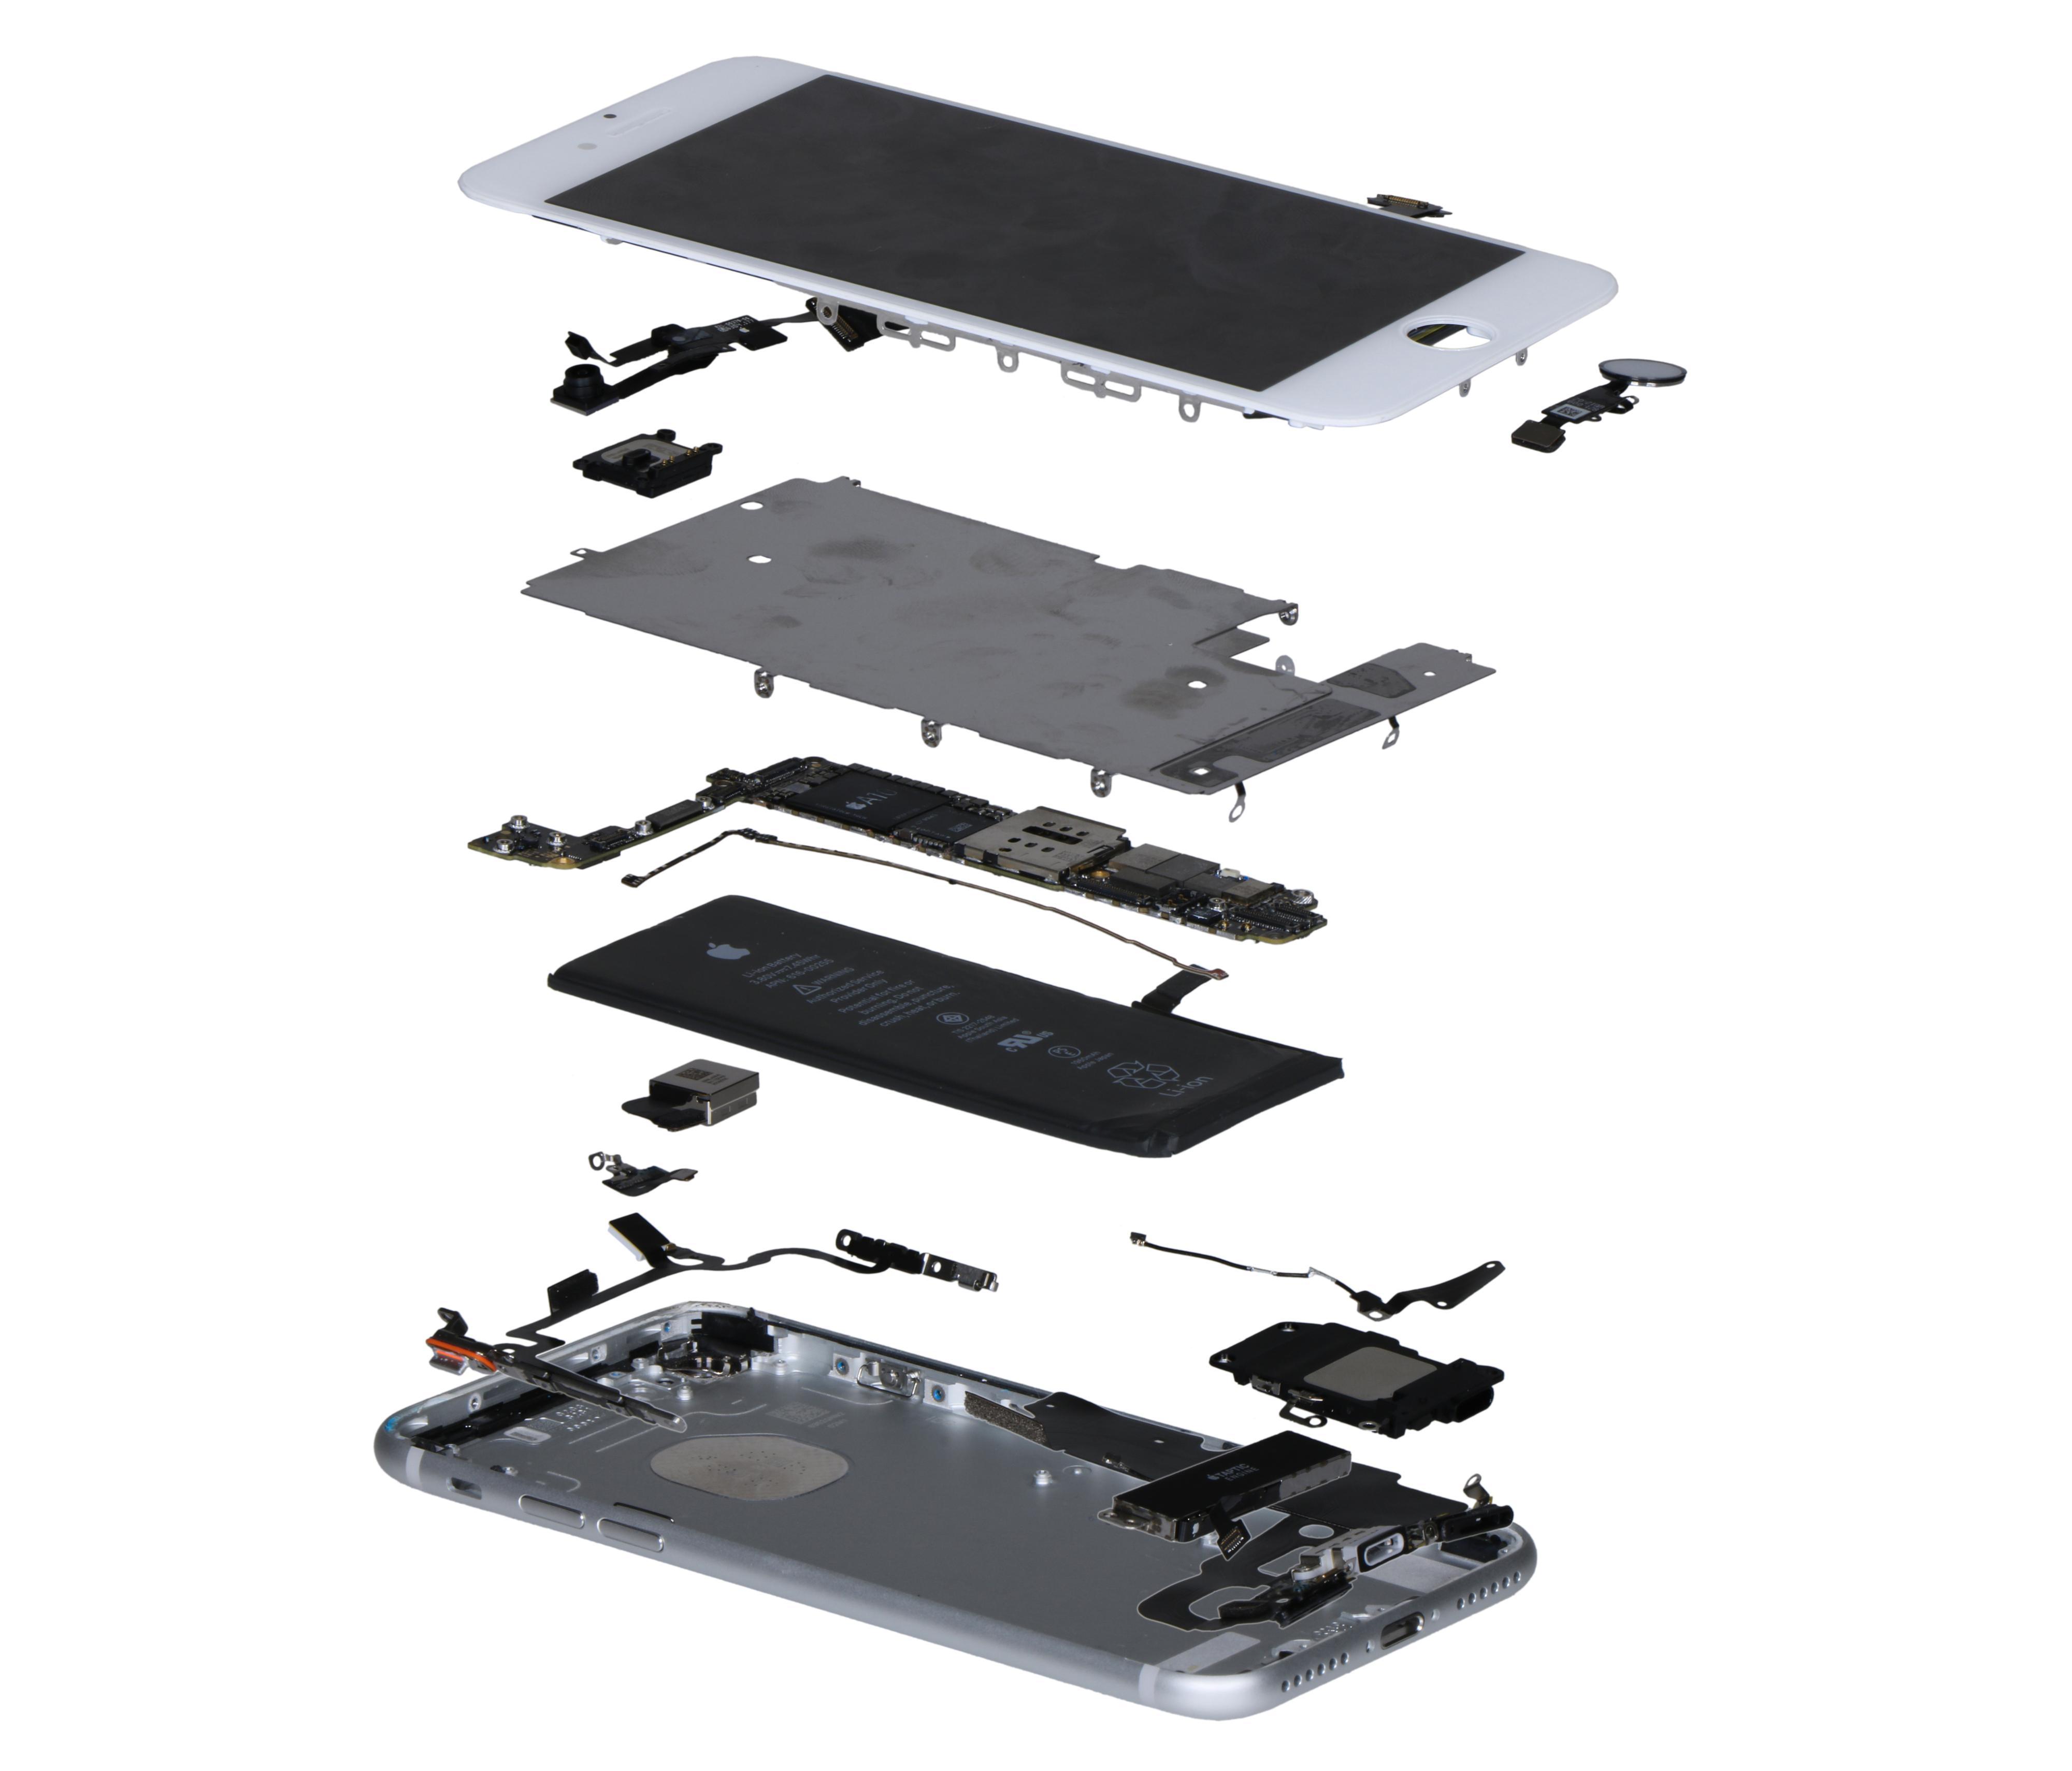 IHS demonterte iPhone 7 og gikk grundig gjennom alle komponentene for å finne totalprisen.